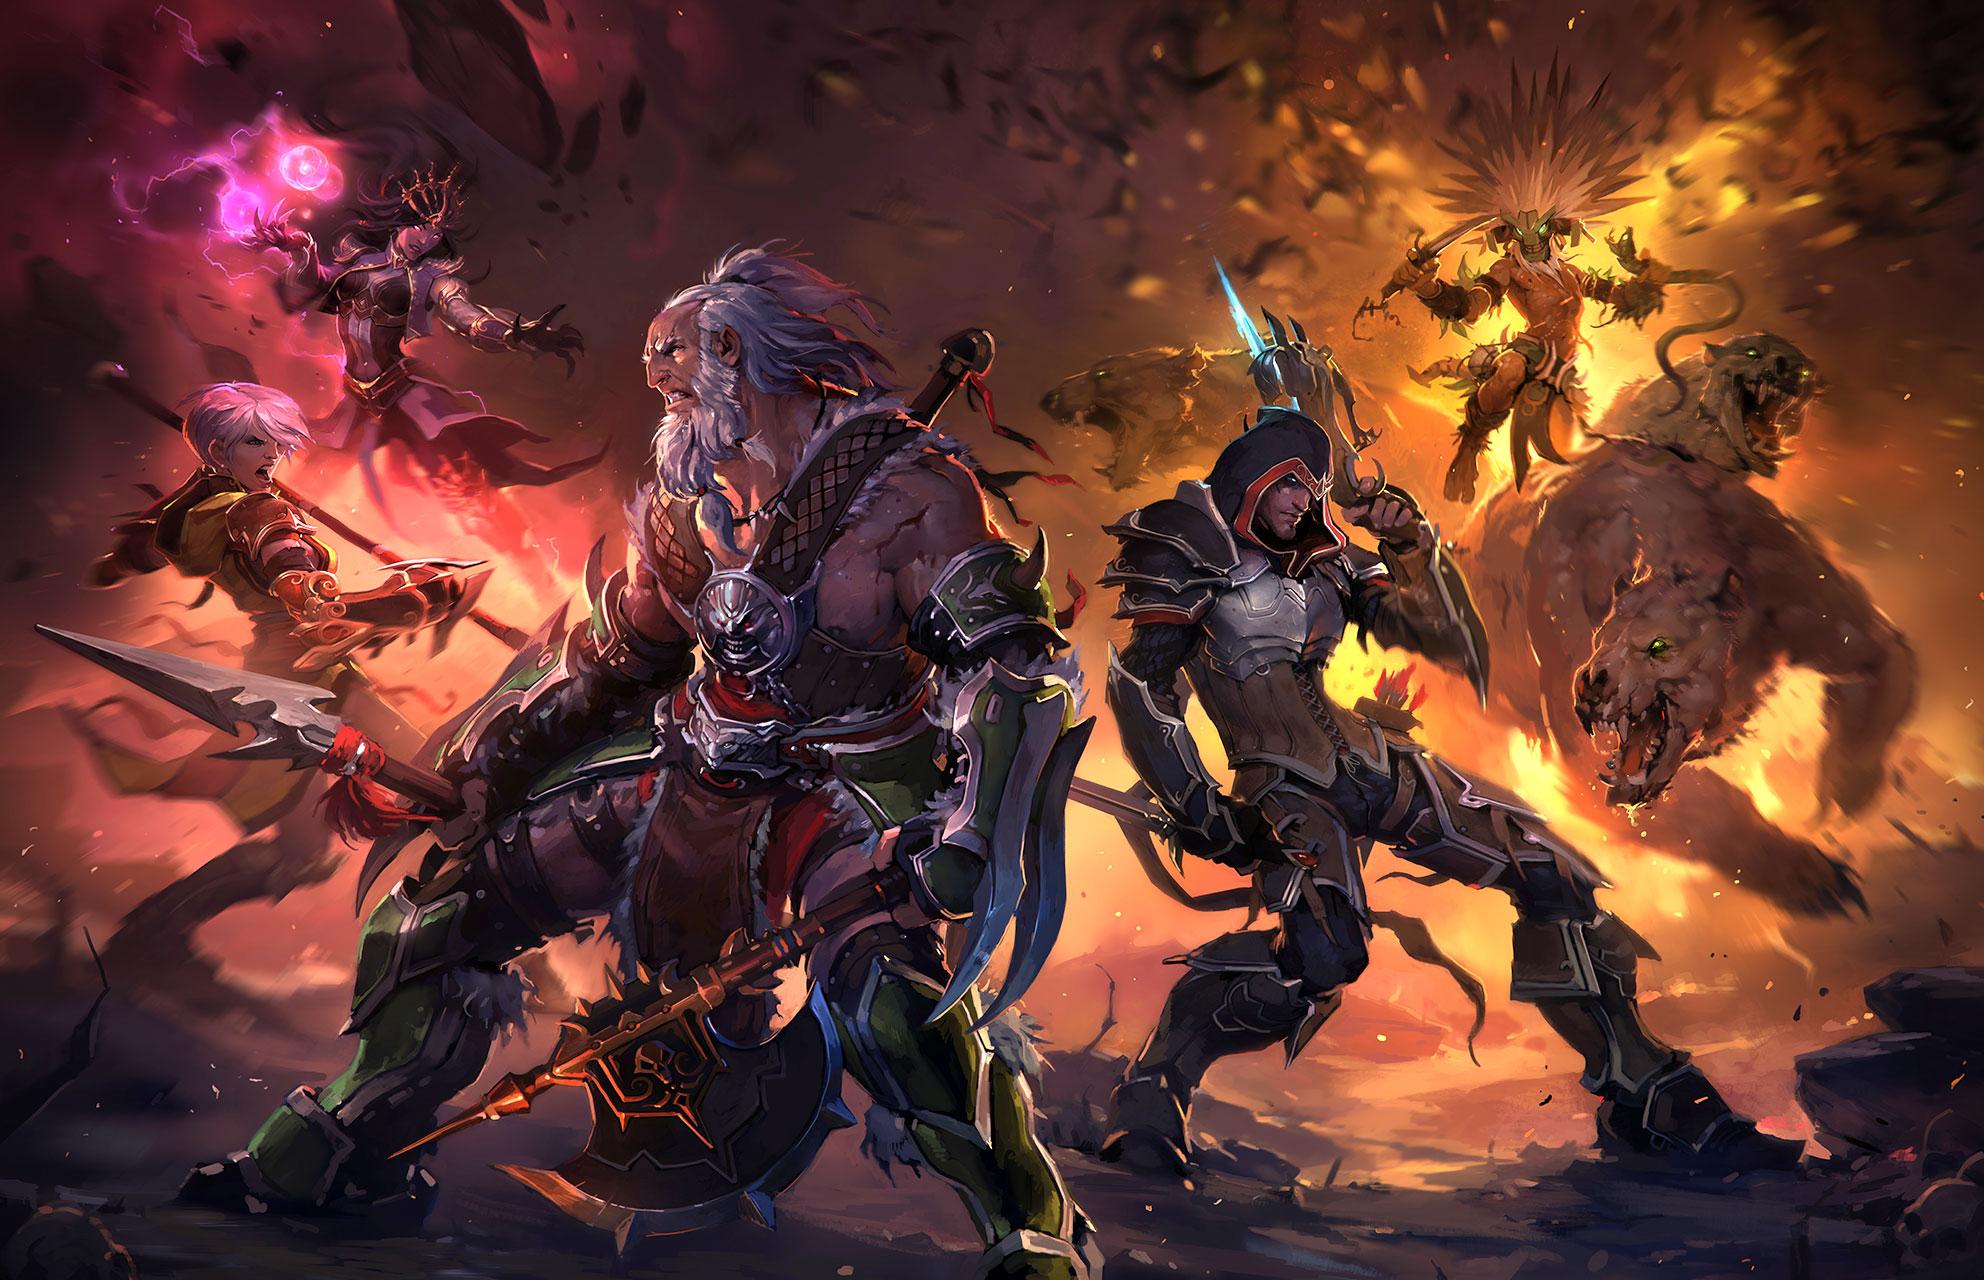 """Wird laut Gerüchteküche bald in eine Anime-Serie auf Netflix verwandelt: Blizzards erfolgreiche Action-RPG-Reihe """"Diablo""""."""